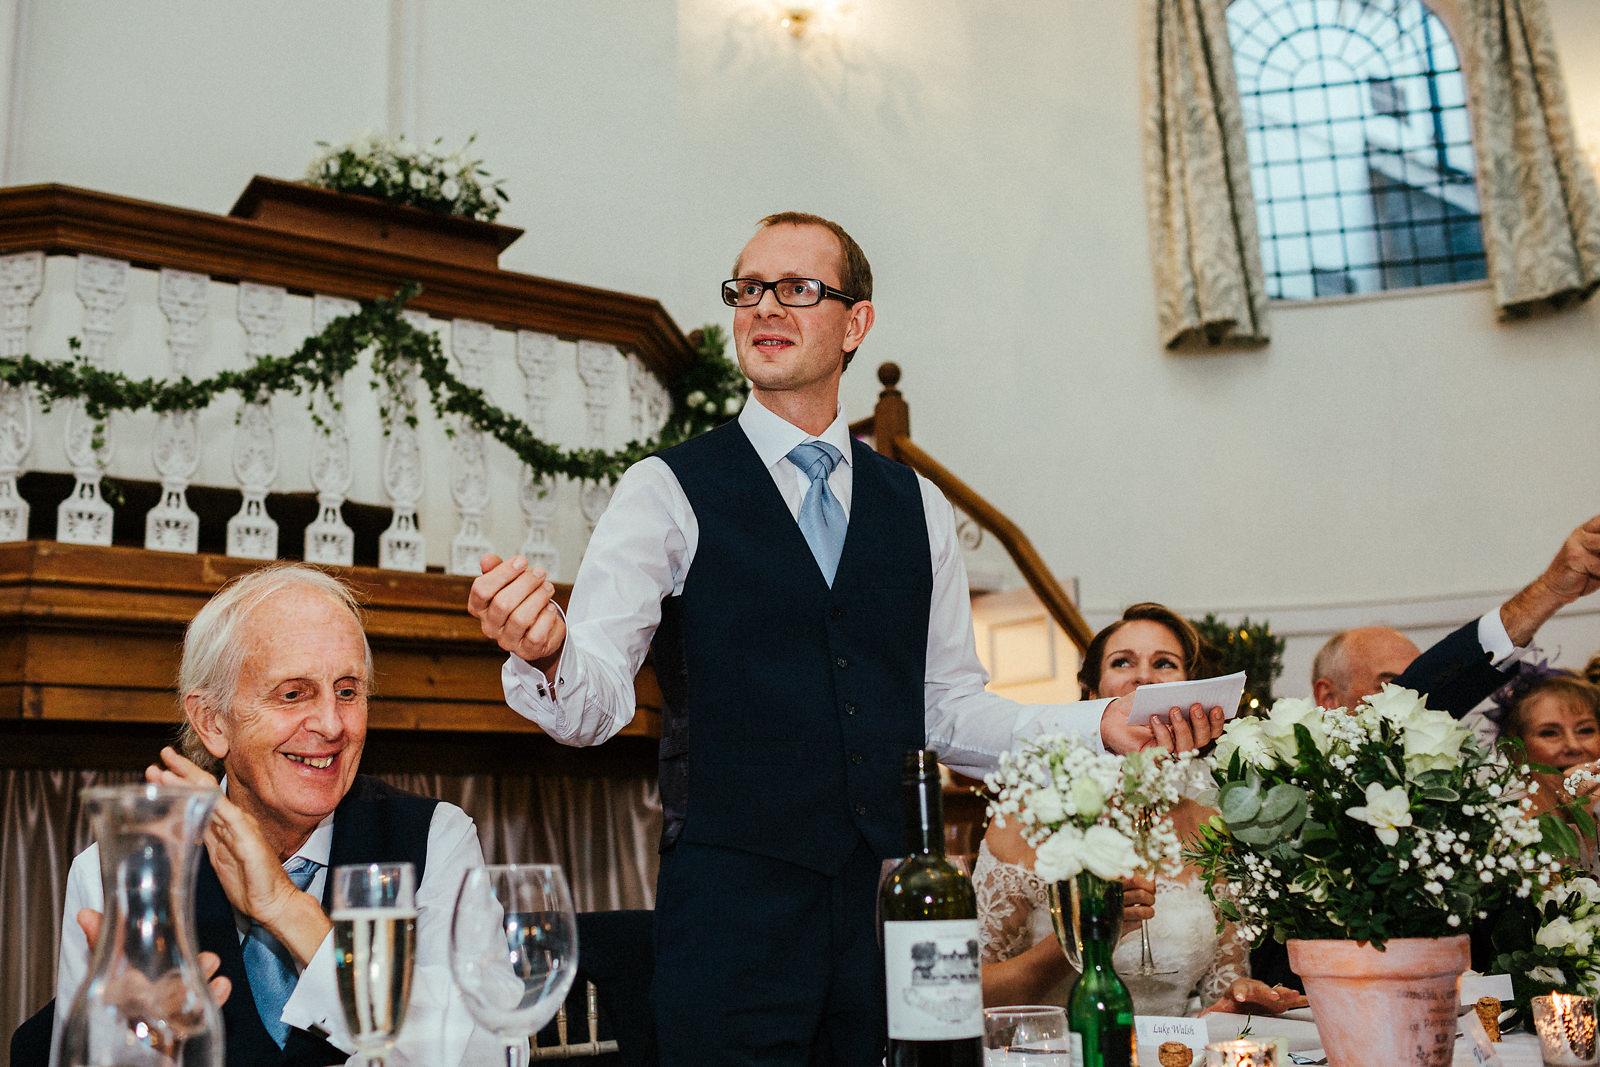 Best grooms speeches